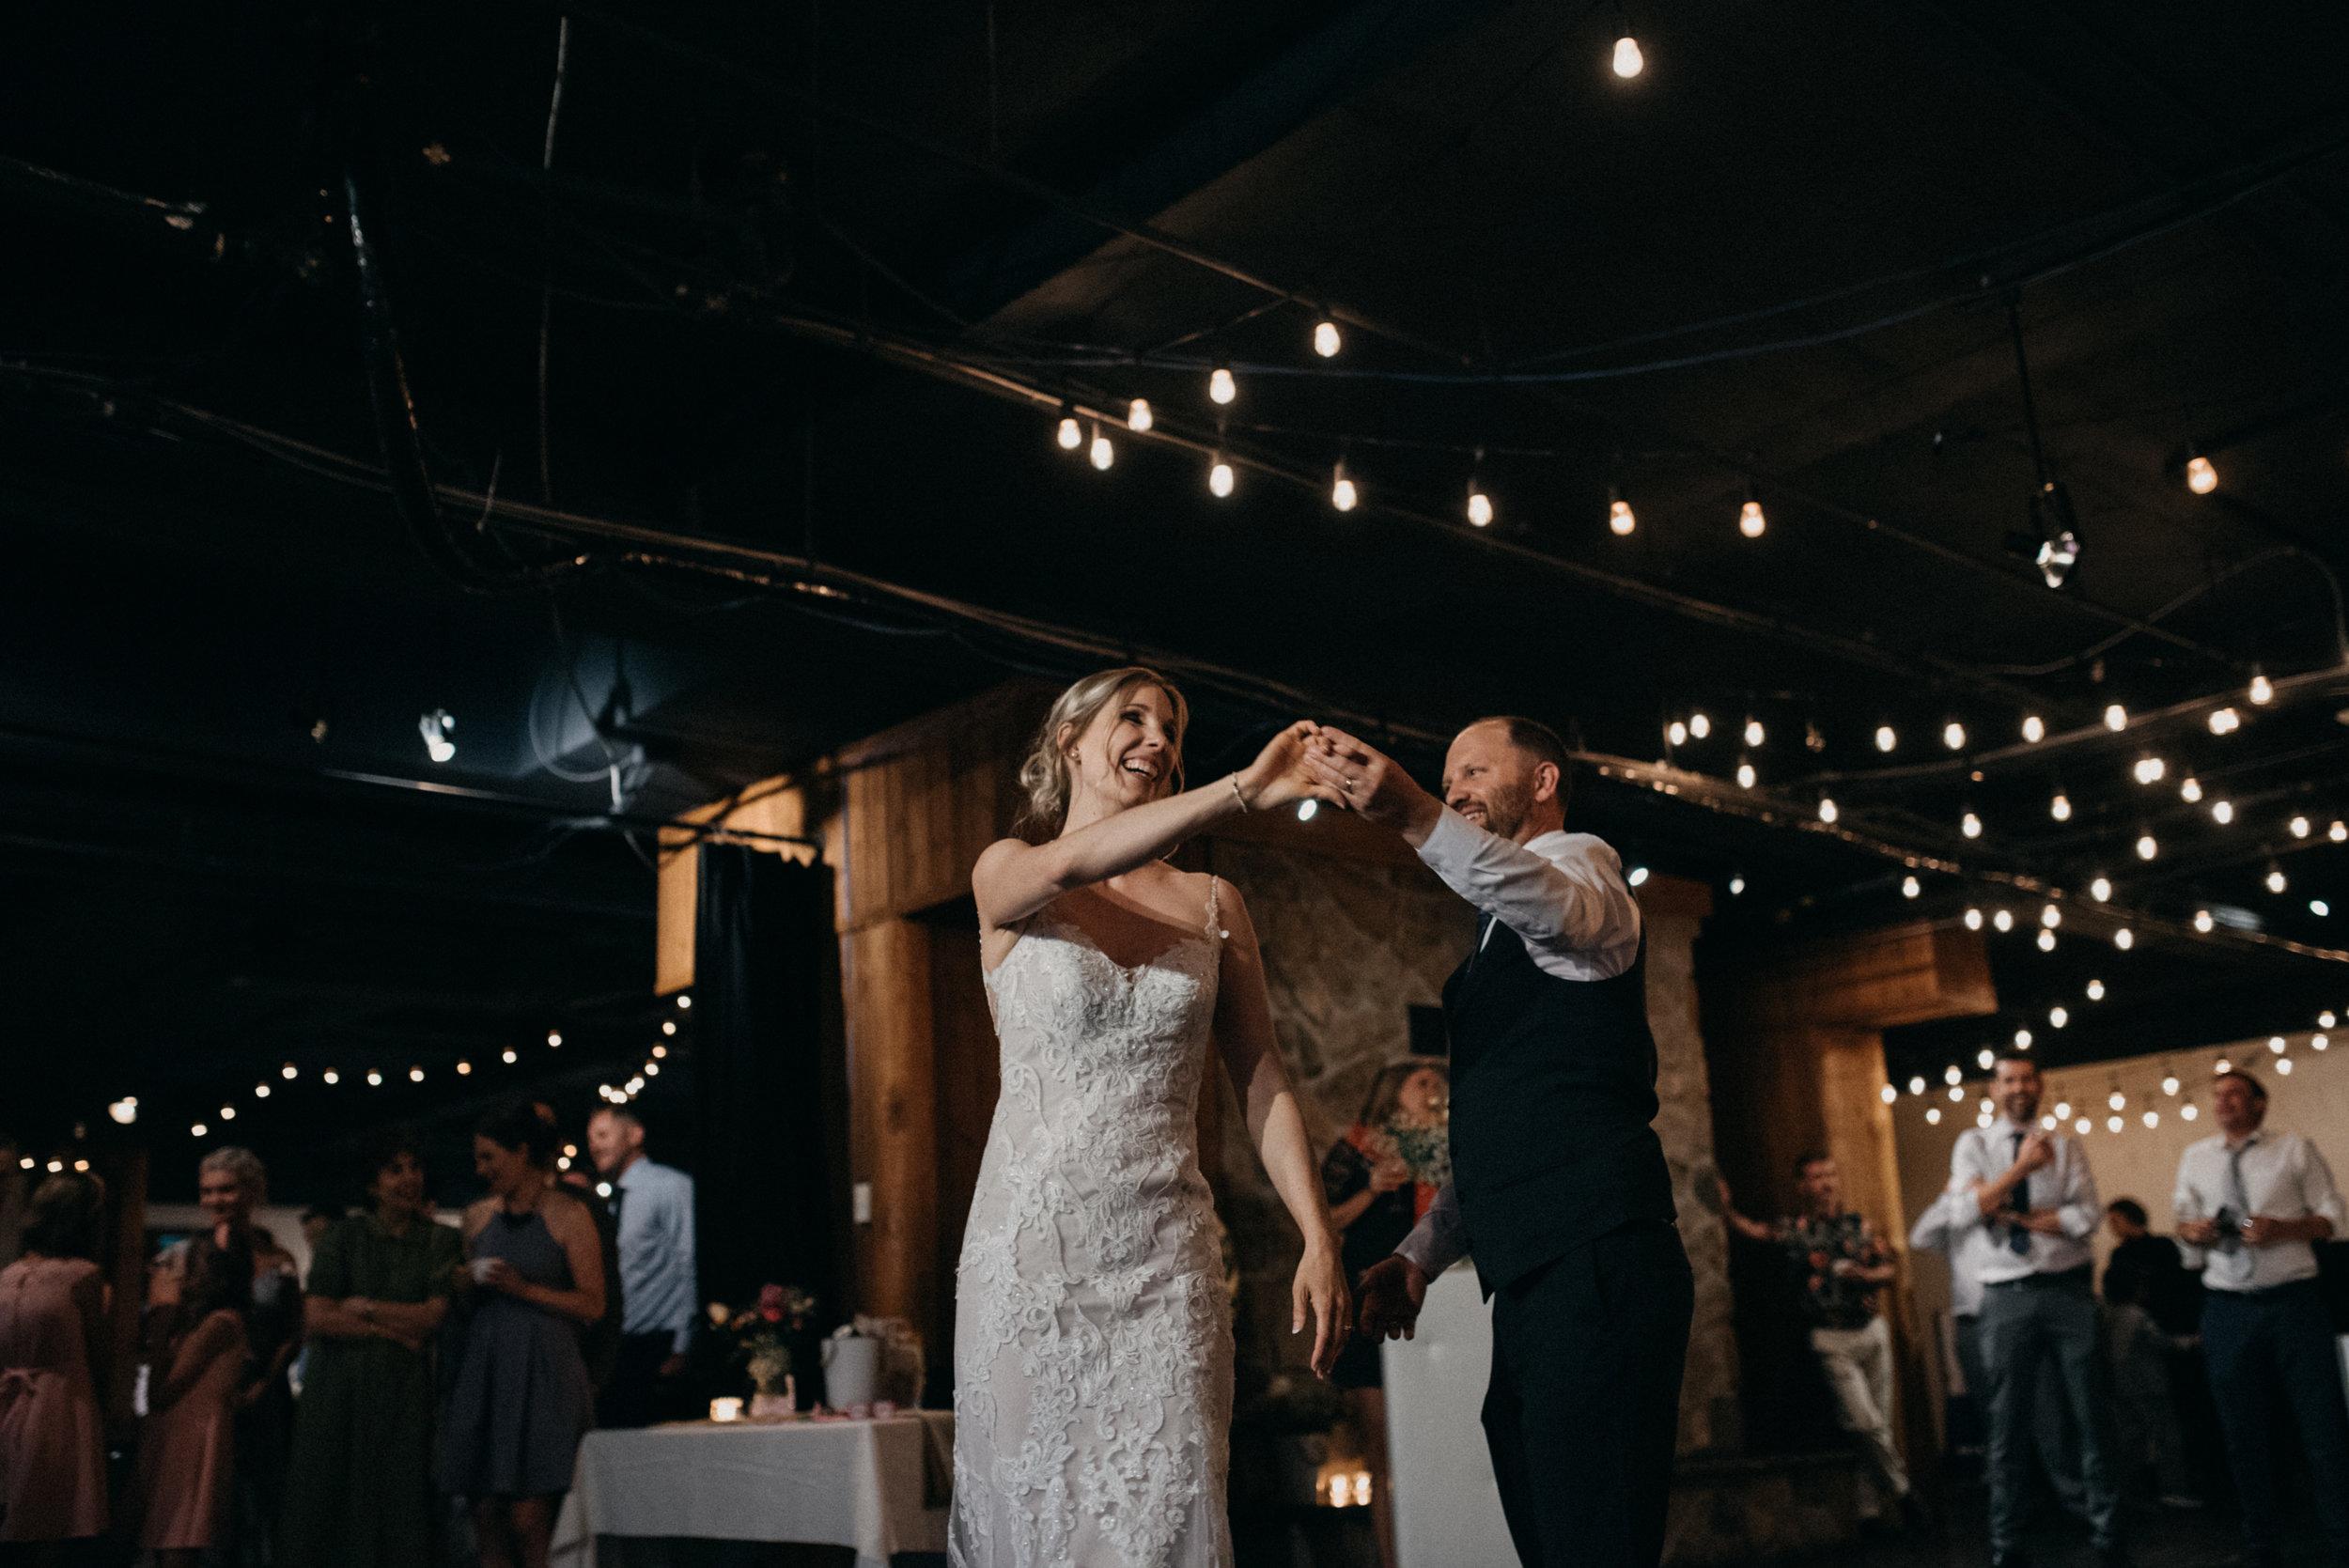 gatineau_photographe_mariage_ottawa_wedding_photography_documentary_candid_unposed_lifestyle_photography_photographie_613_family_famille (15).jpg